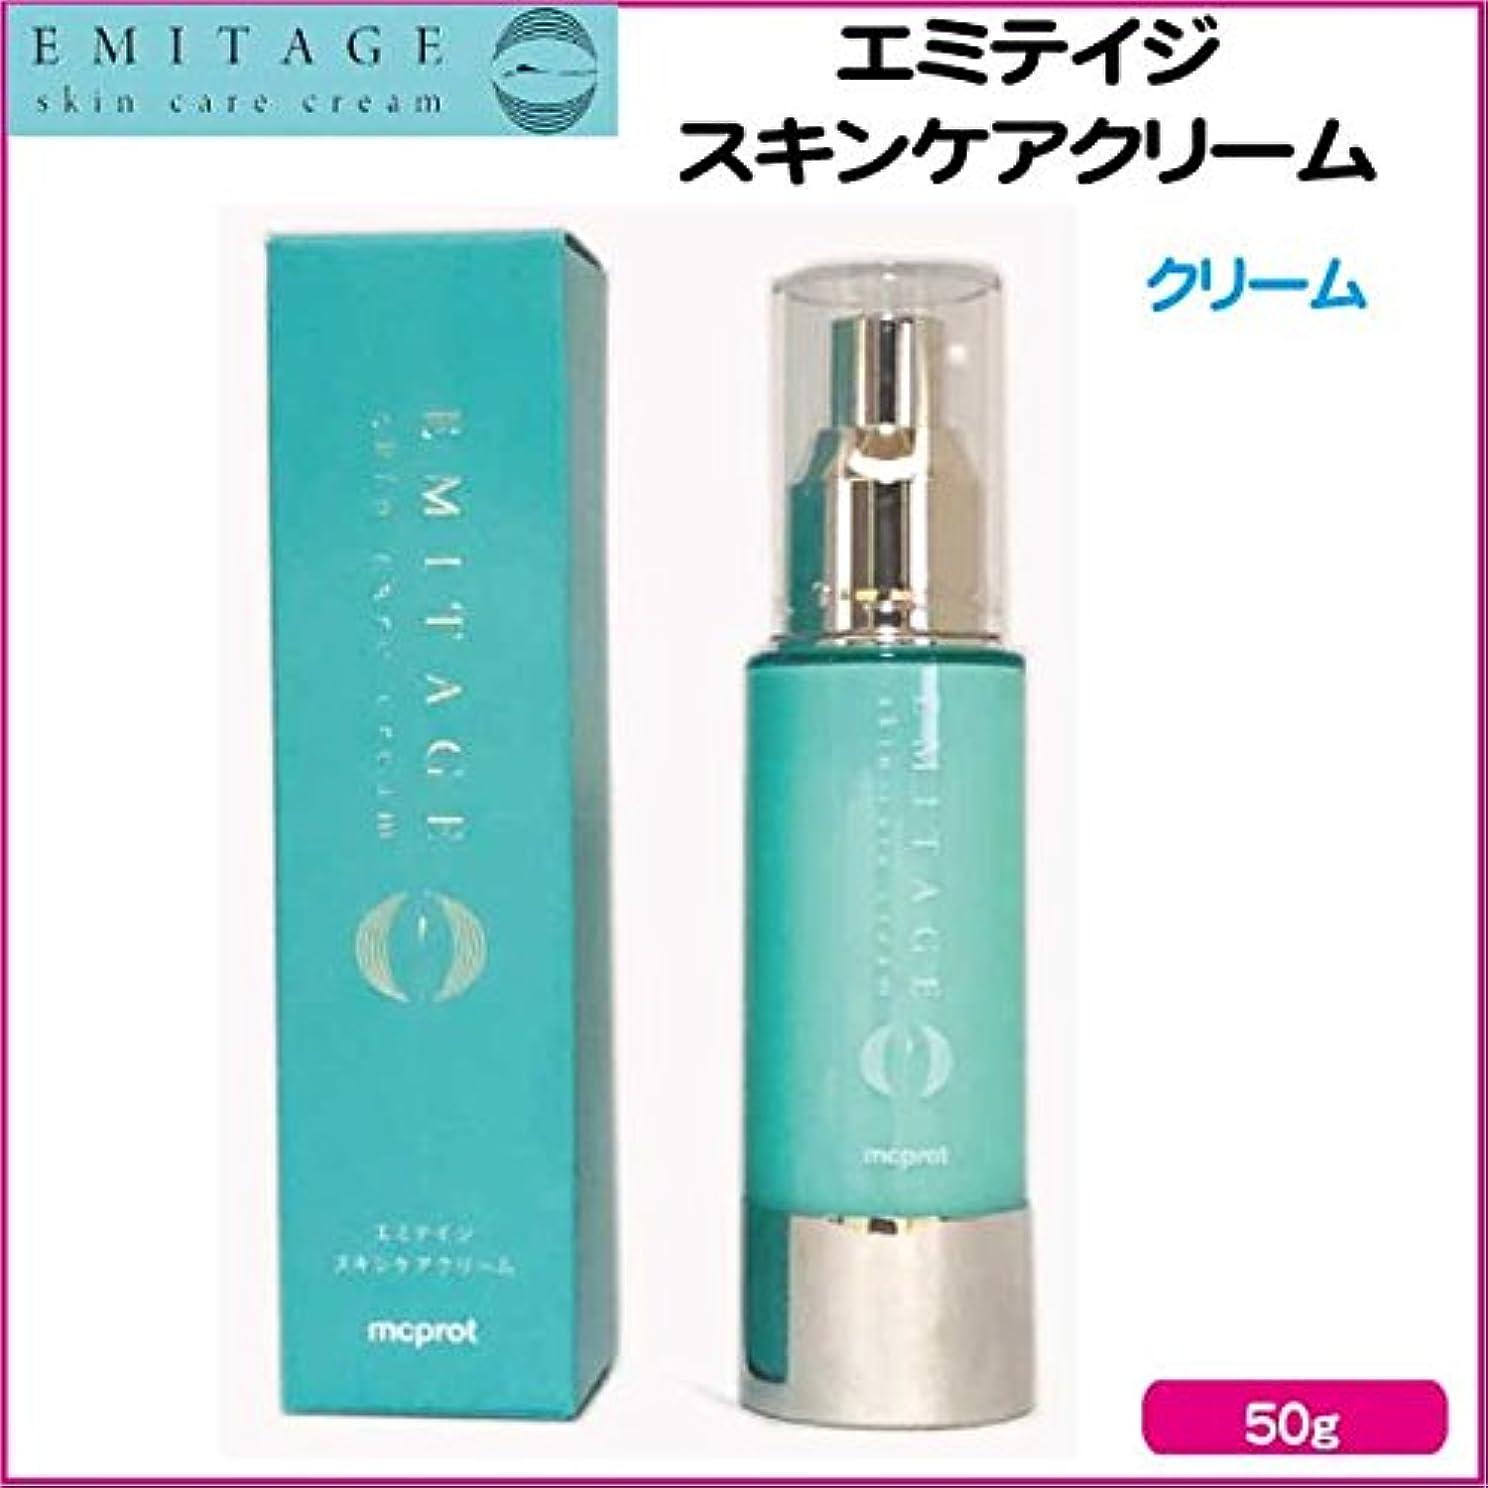 実験をするクレデンシャル請求【クリーム】 EMITAGE skin care cream エミテイ スキンケア クリーム  50g 日本製